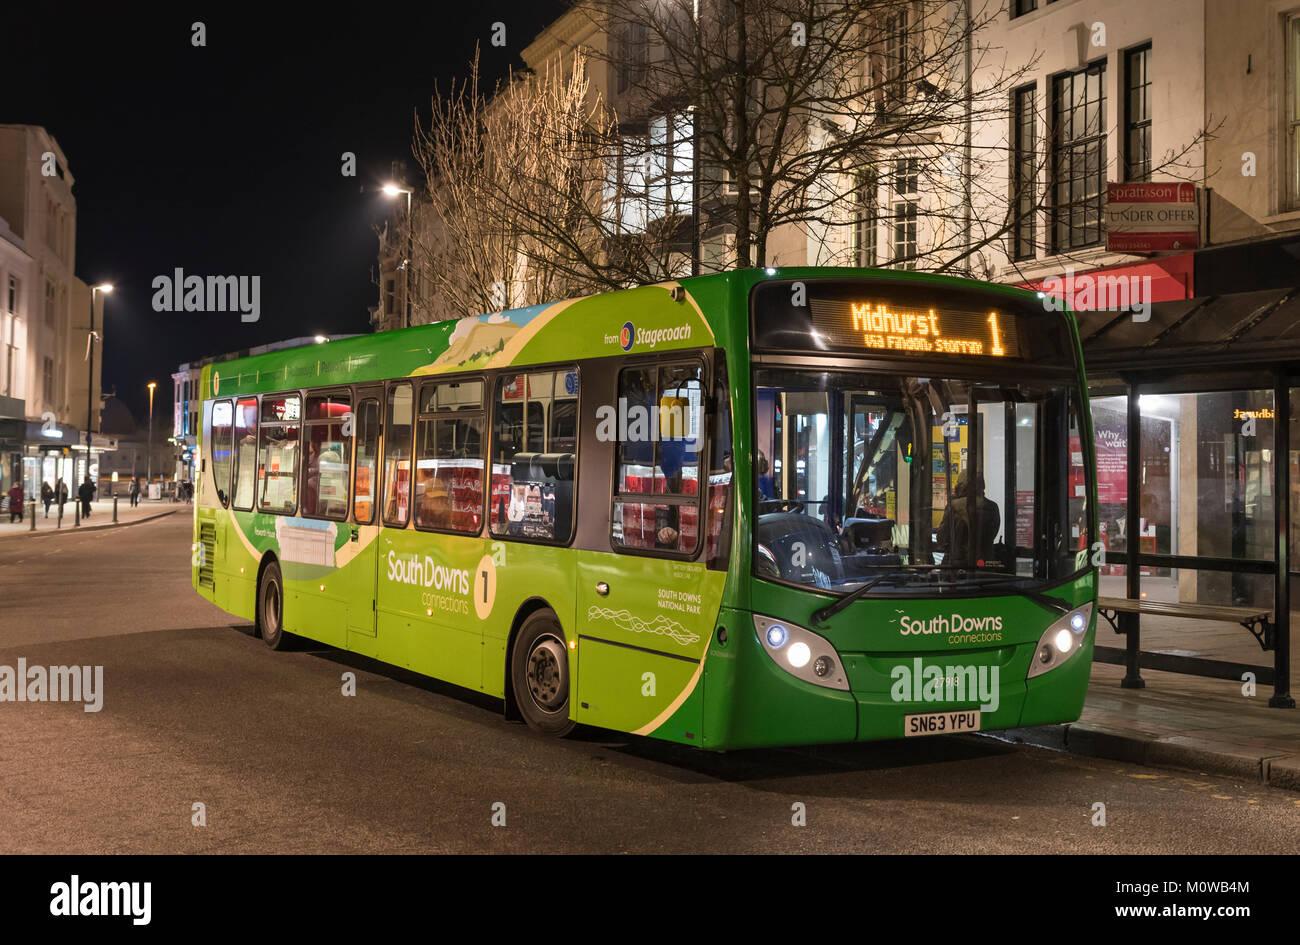 Stagecoach South Downs conexiones bus número 1 va a Midhurst después del anochecer en invierno en Worthing, Imagen De Stock